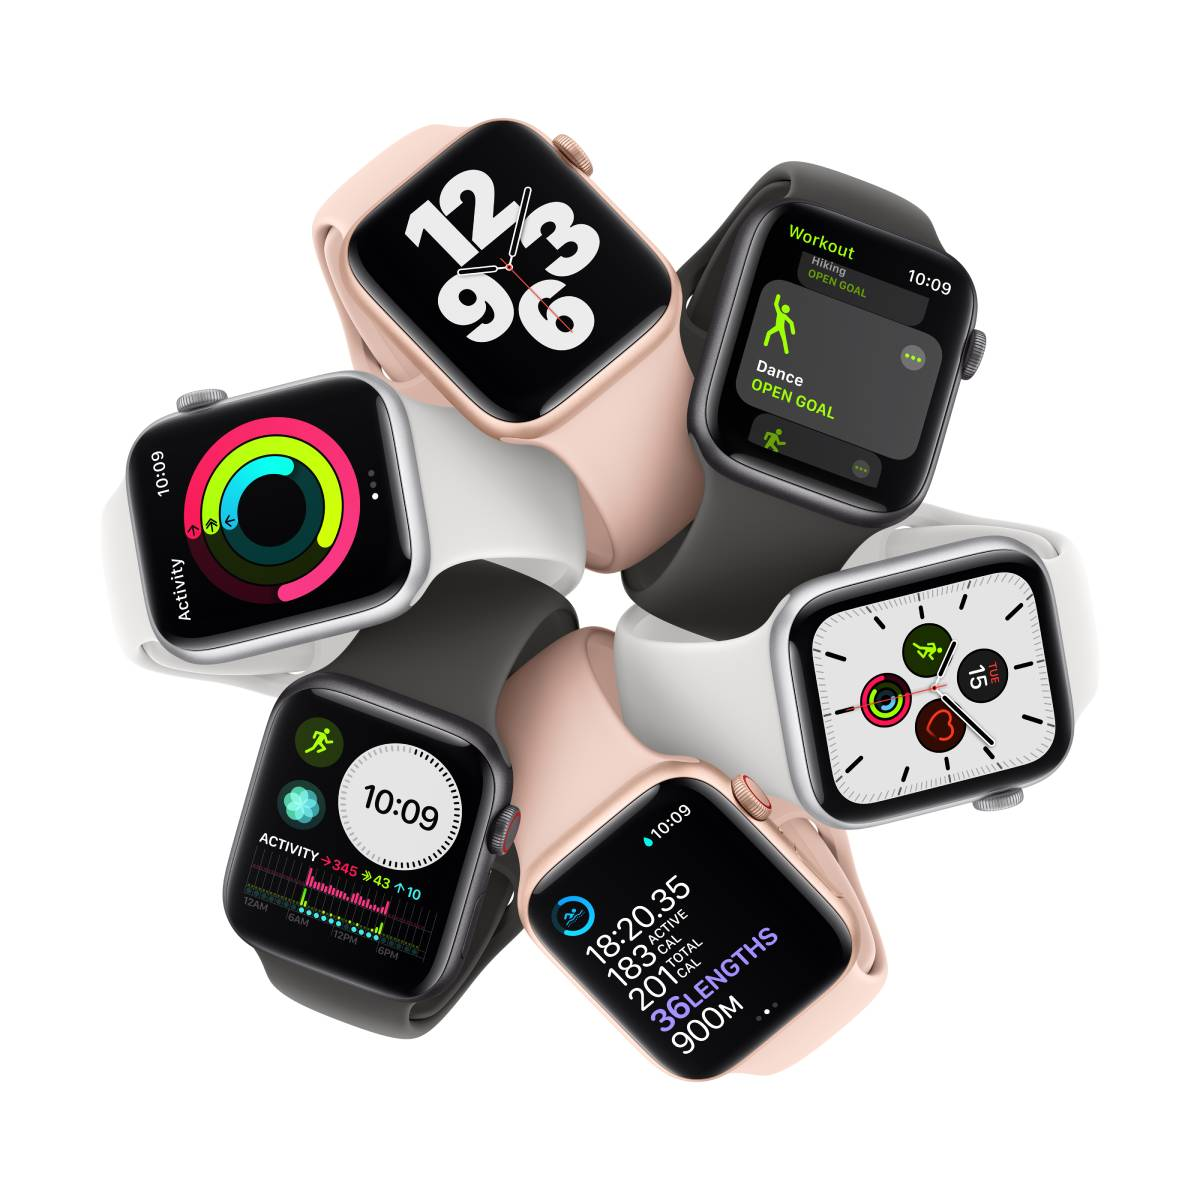 Apple Watch SE | Apple Watch SE Price Online | iTech Store